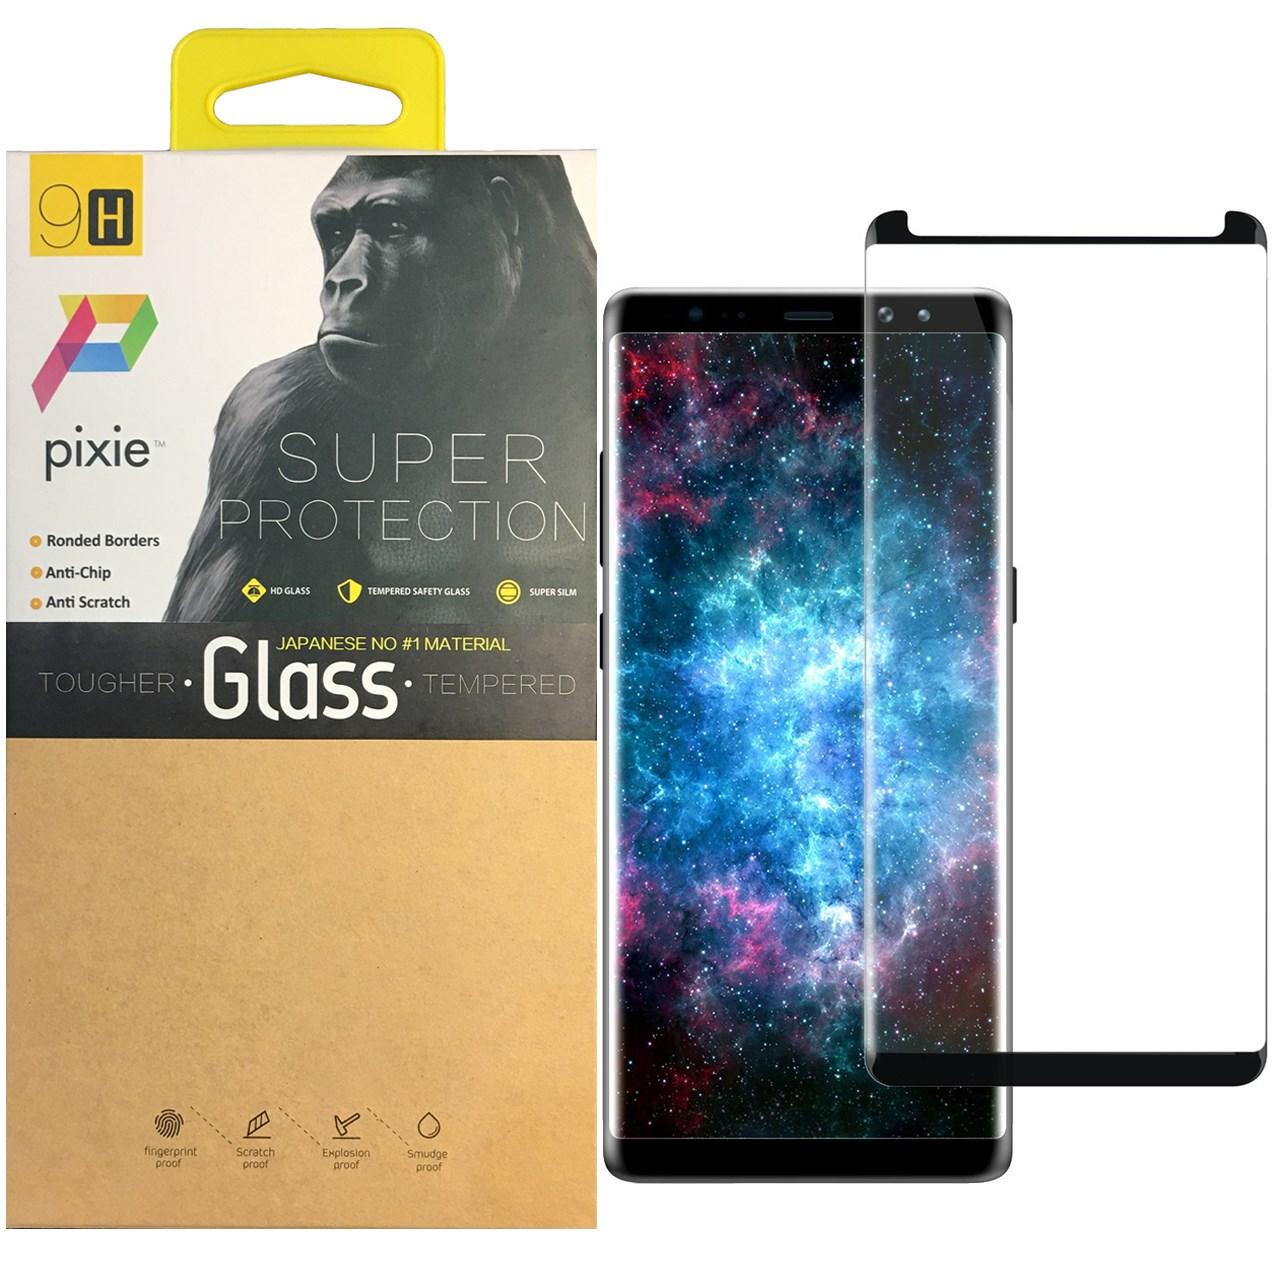 محافظ صفحه نمایش  شیشه ای پیکسی مدل 5D  مناسب برای گوشی سامسونگ Note 8